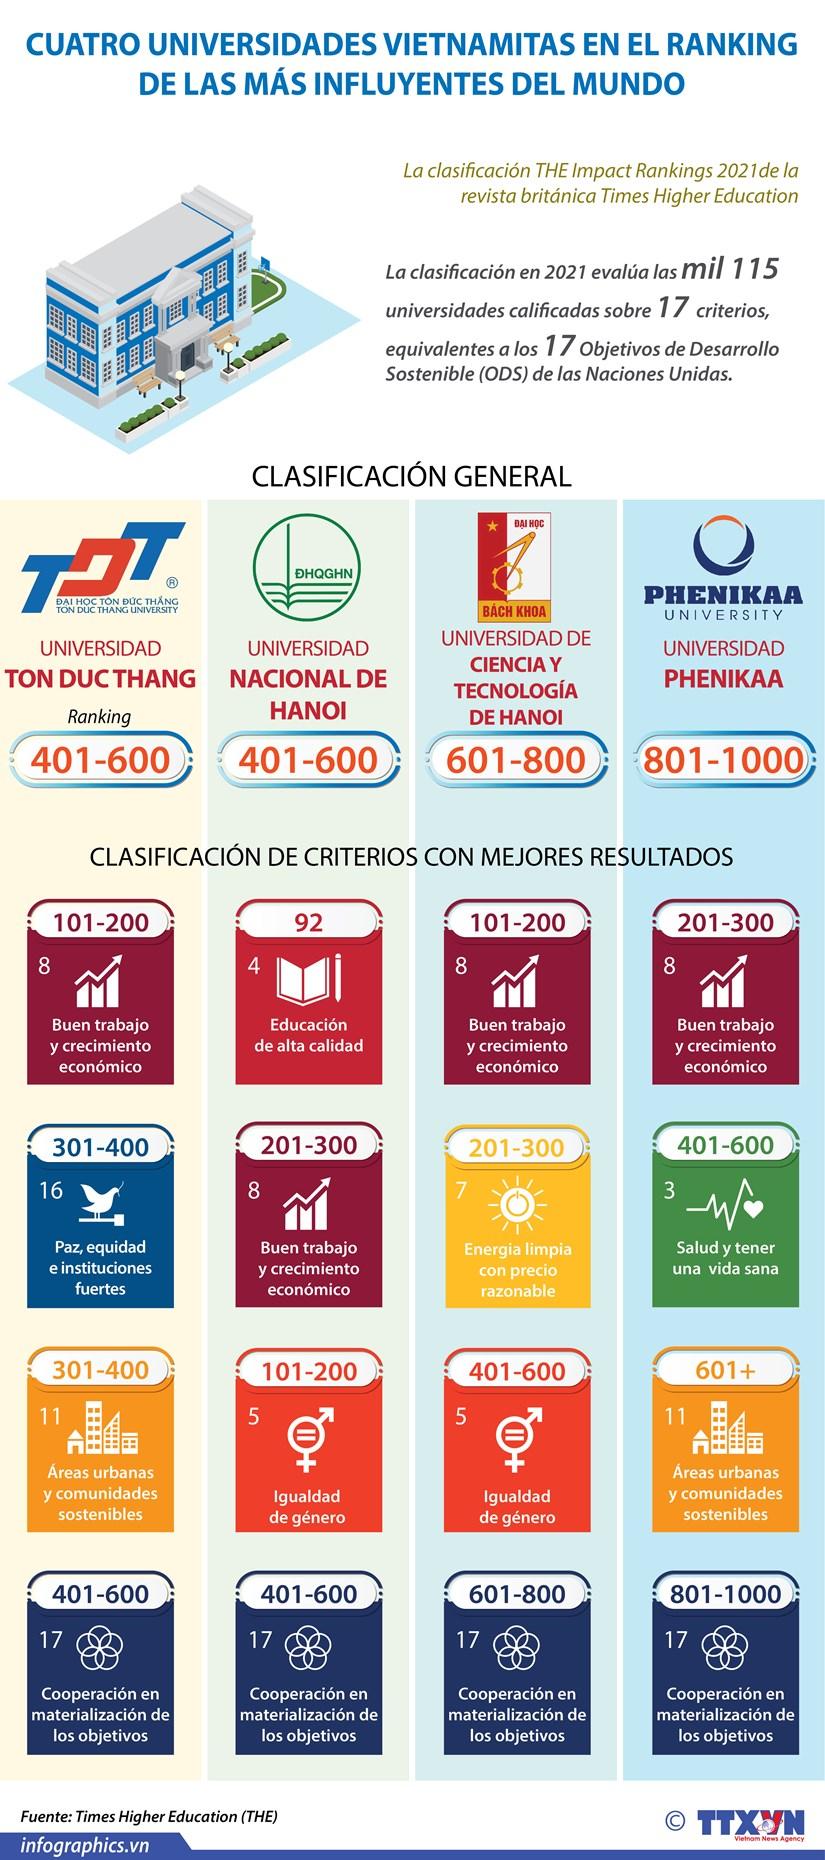 Cuatro universidades vietnamitas en el ranking de las mas influyentes del mundo hinh anh 1